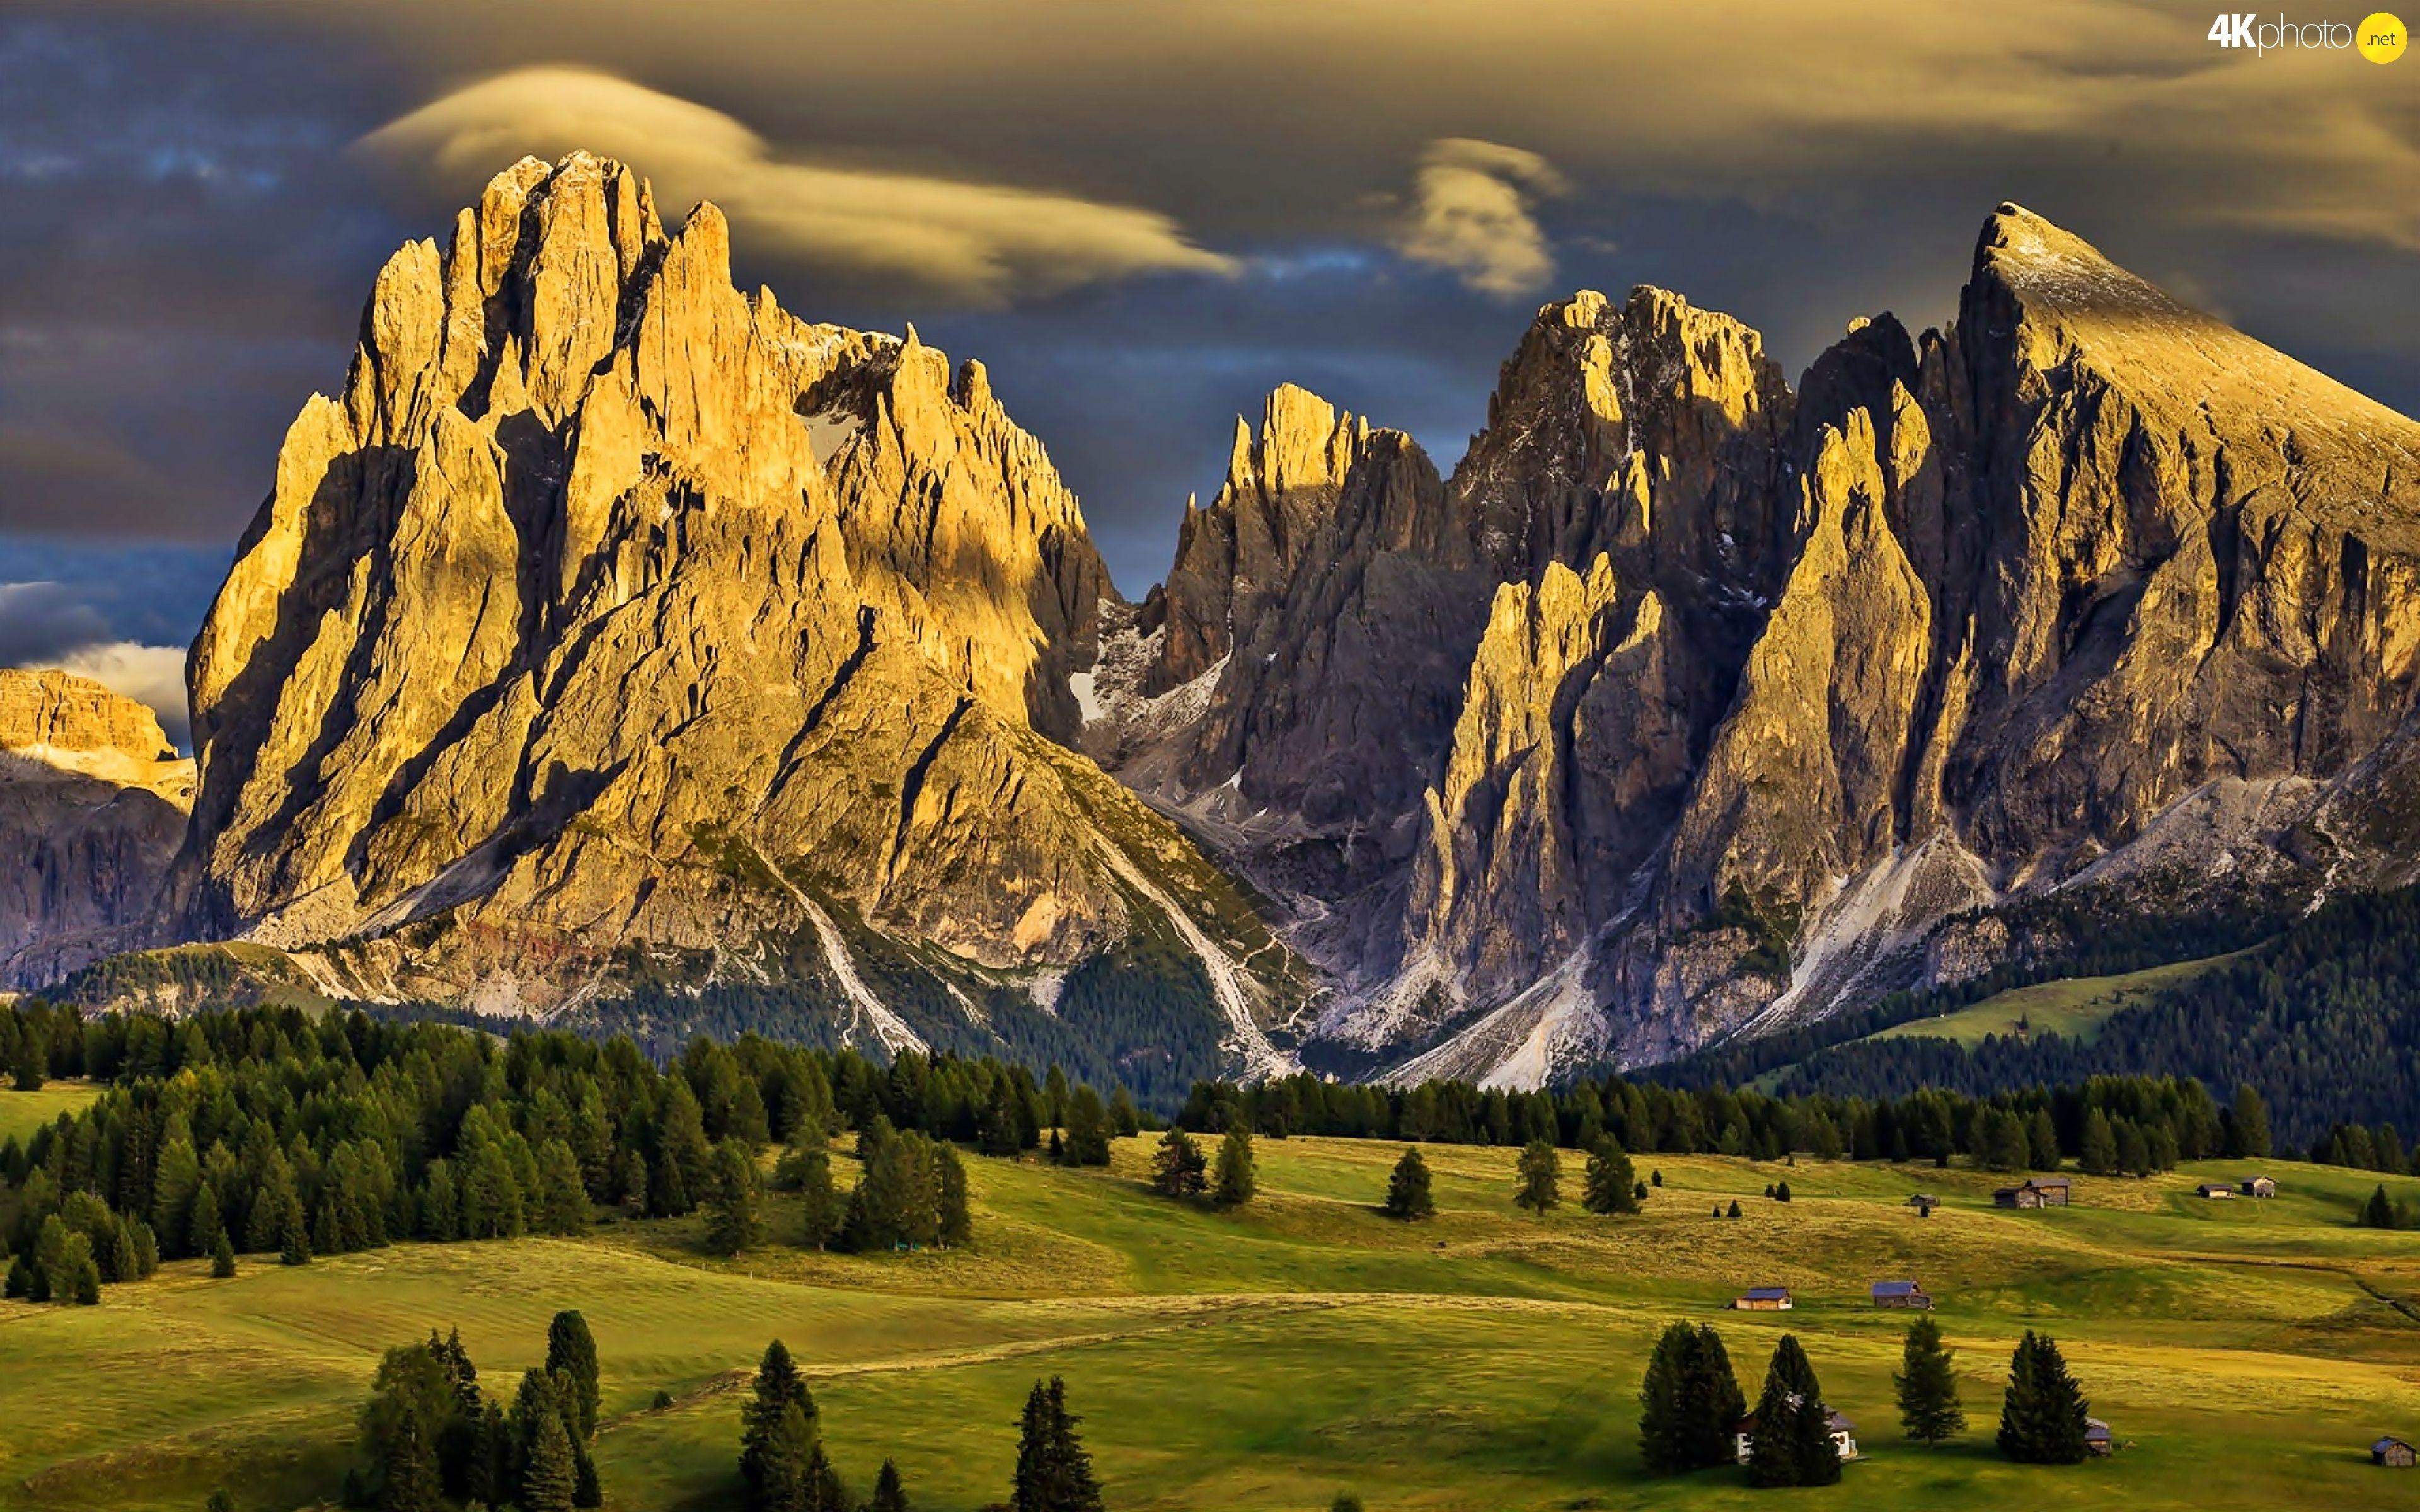 самые красивые пейзажи мира фото: 11 тыс изображений ...